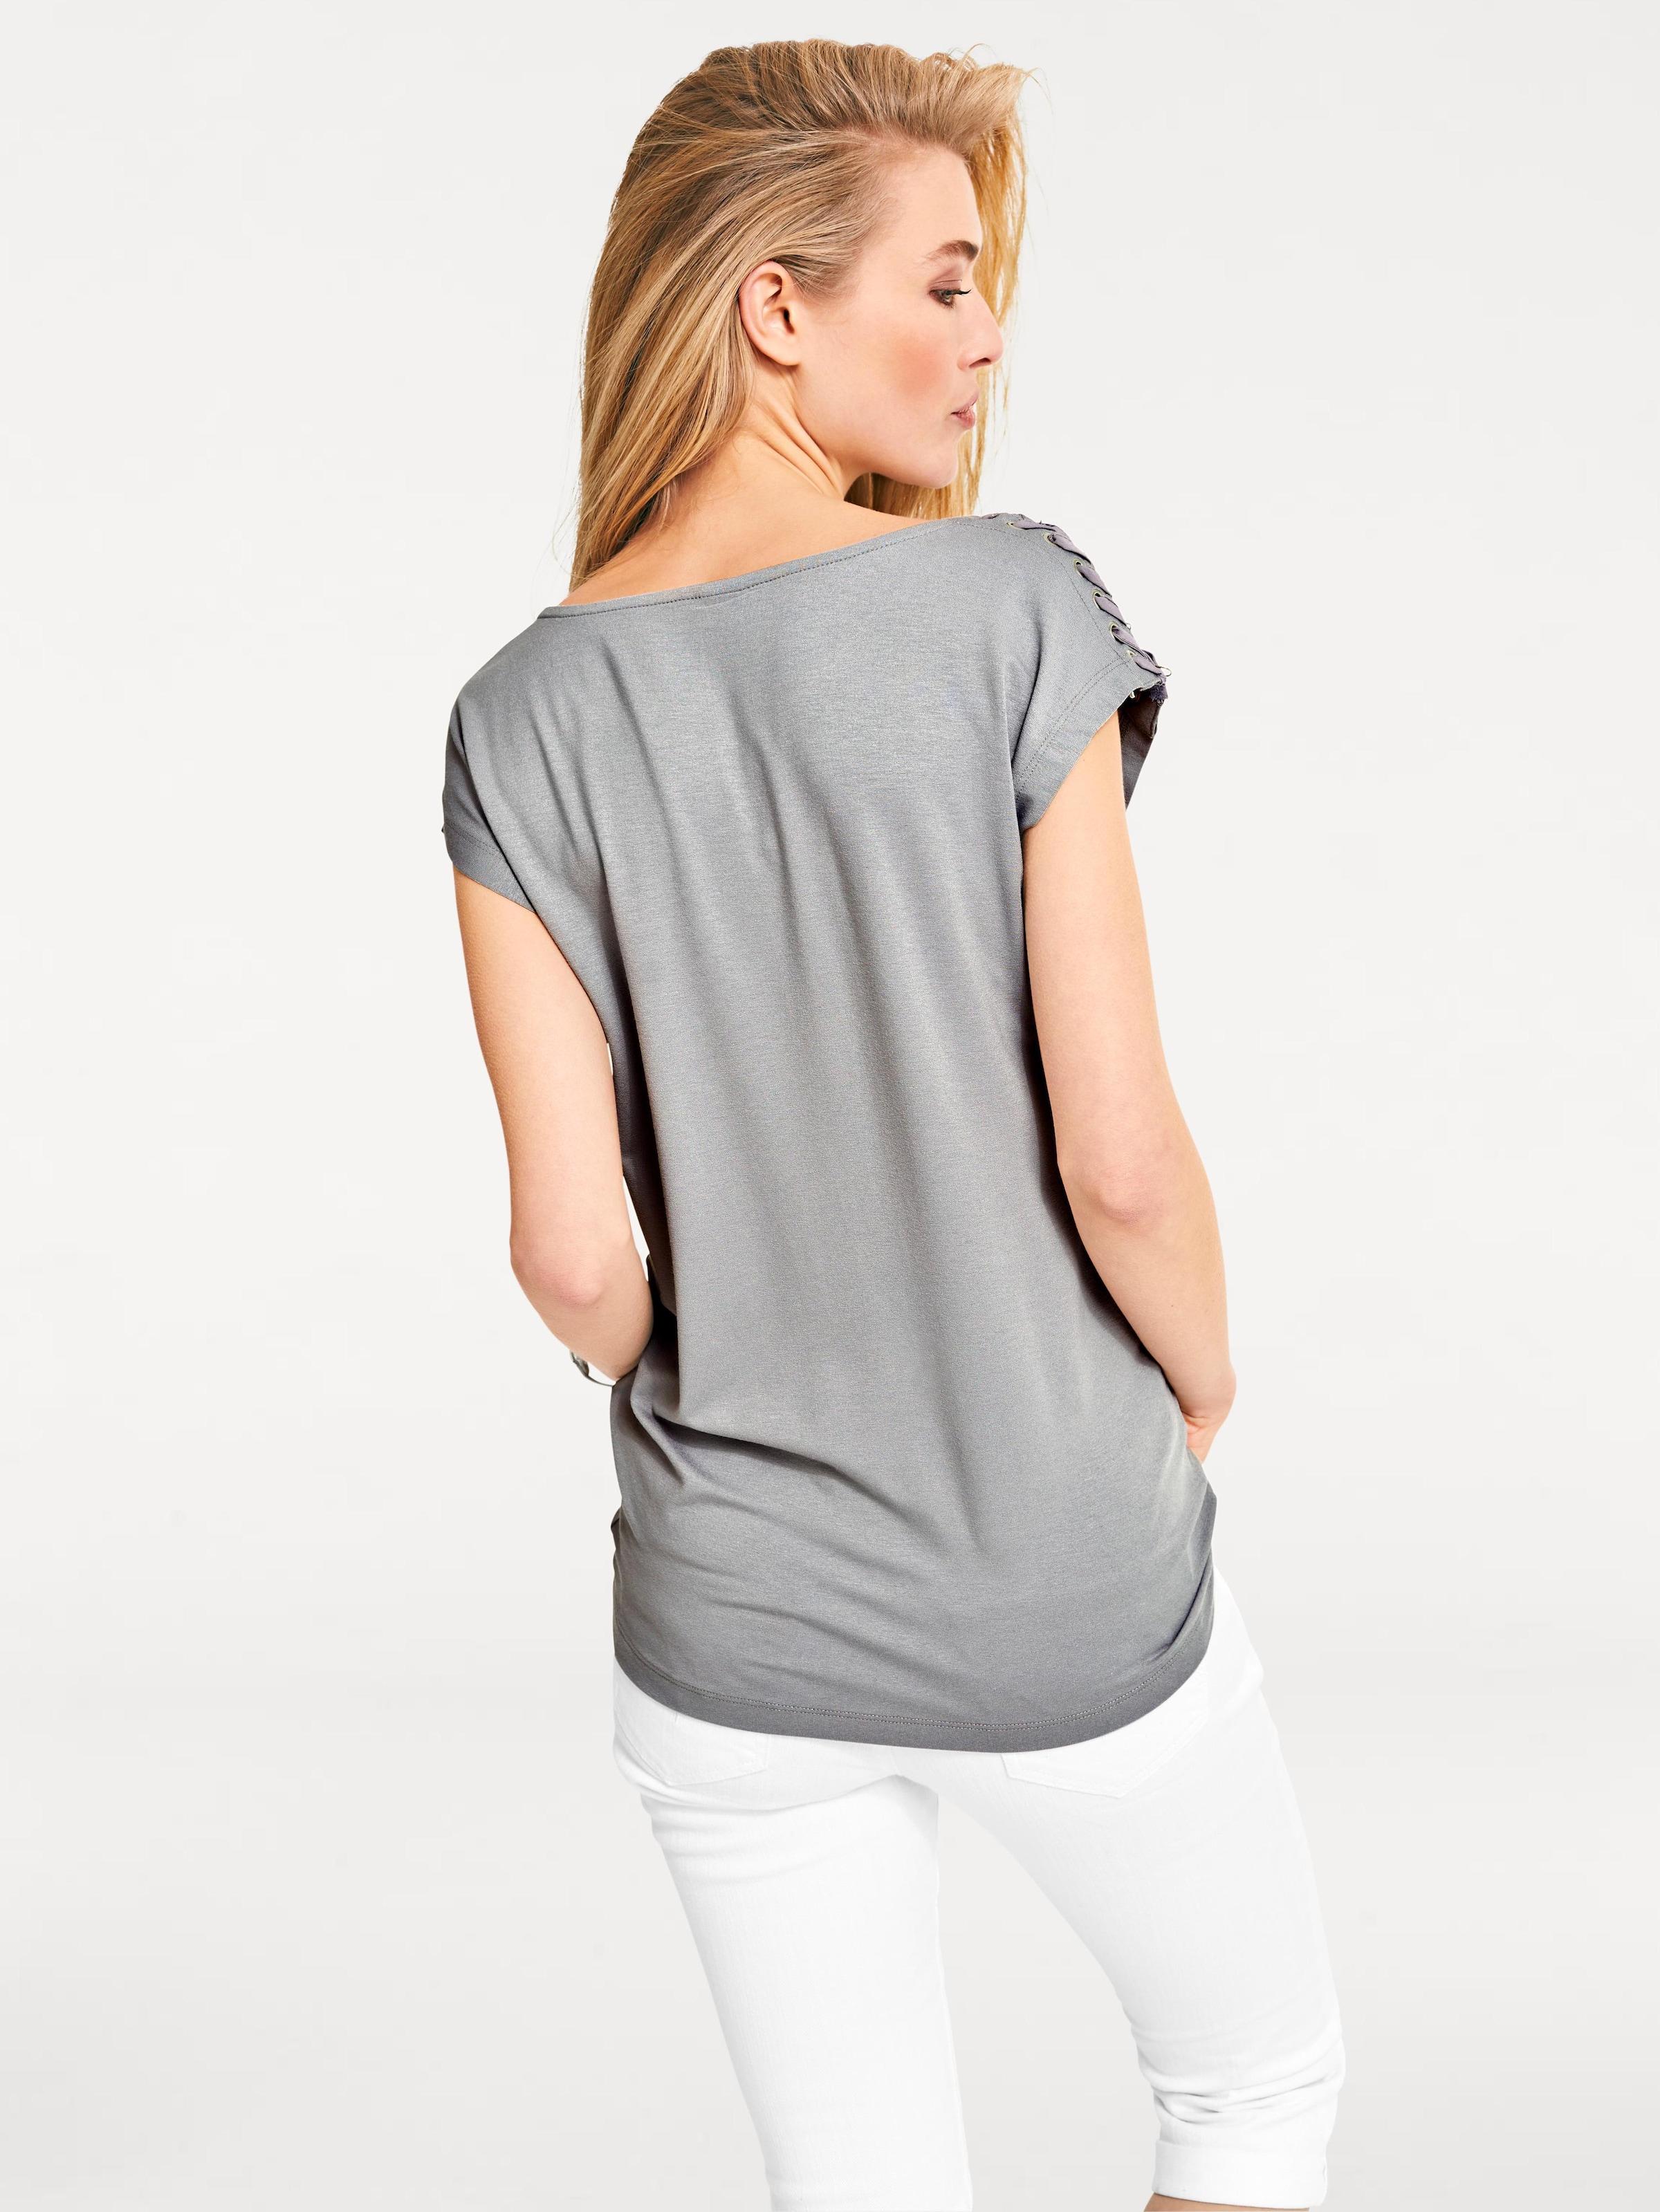 Heine Heine Heine Shirt Shirt In In Graumeliert Graumeliert Shirt c3FKlJ1T